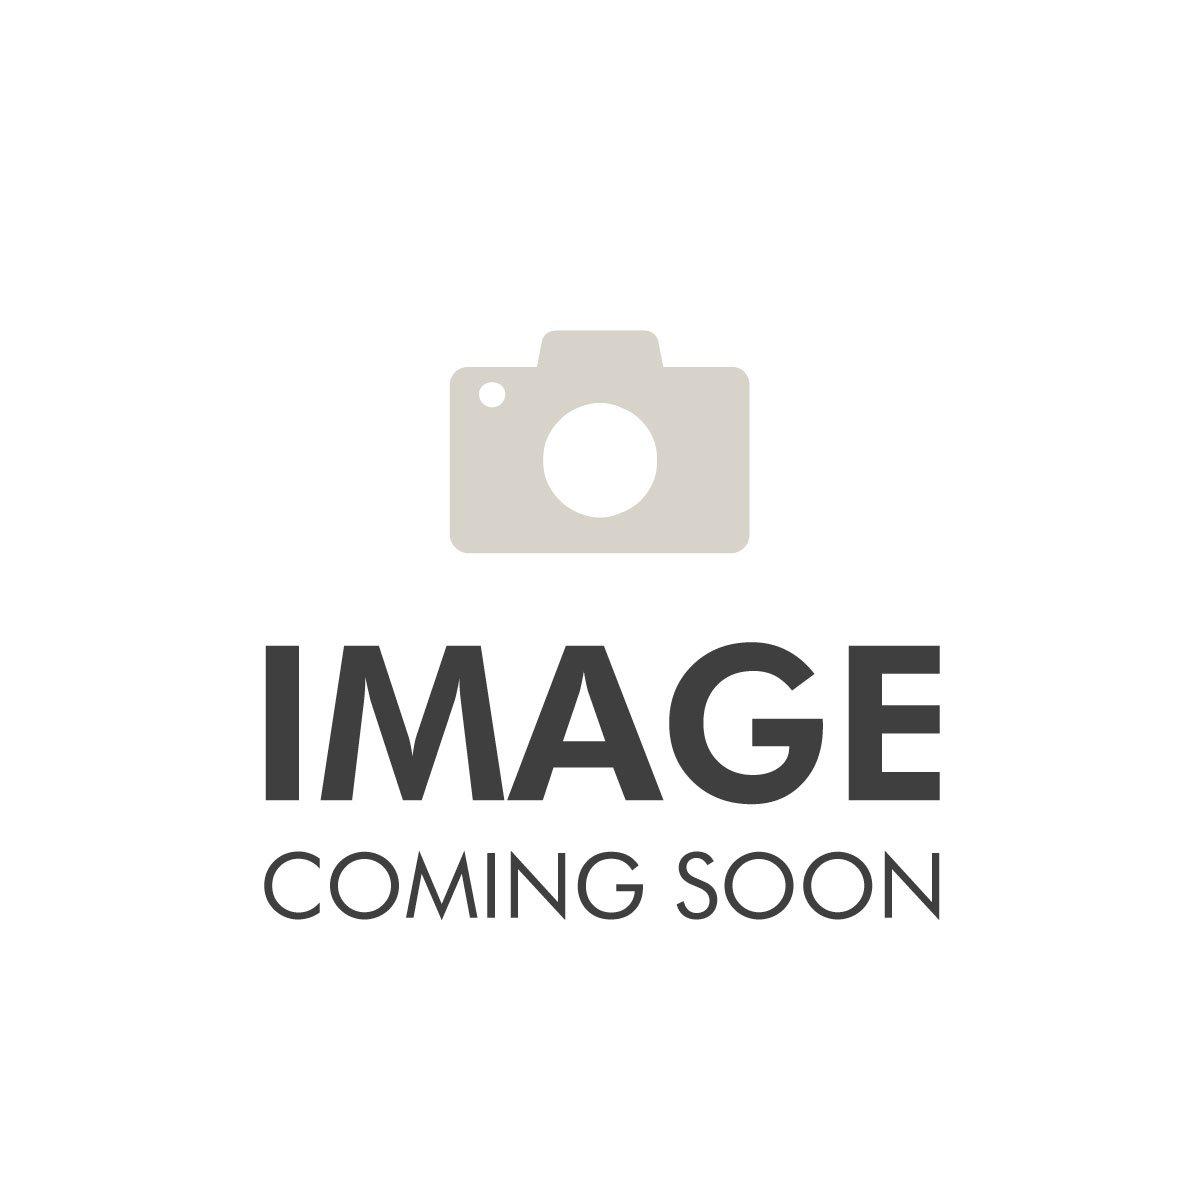 Bvlgari Bulgari Man In Black Essence 100ml EDP Spray